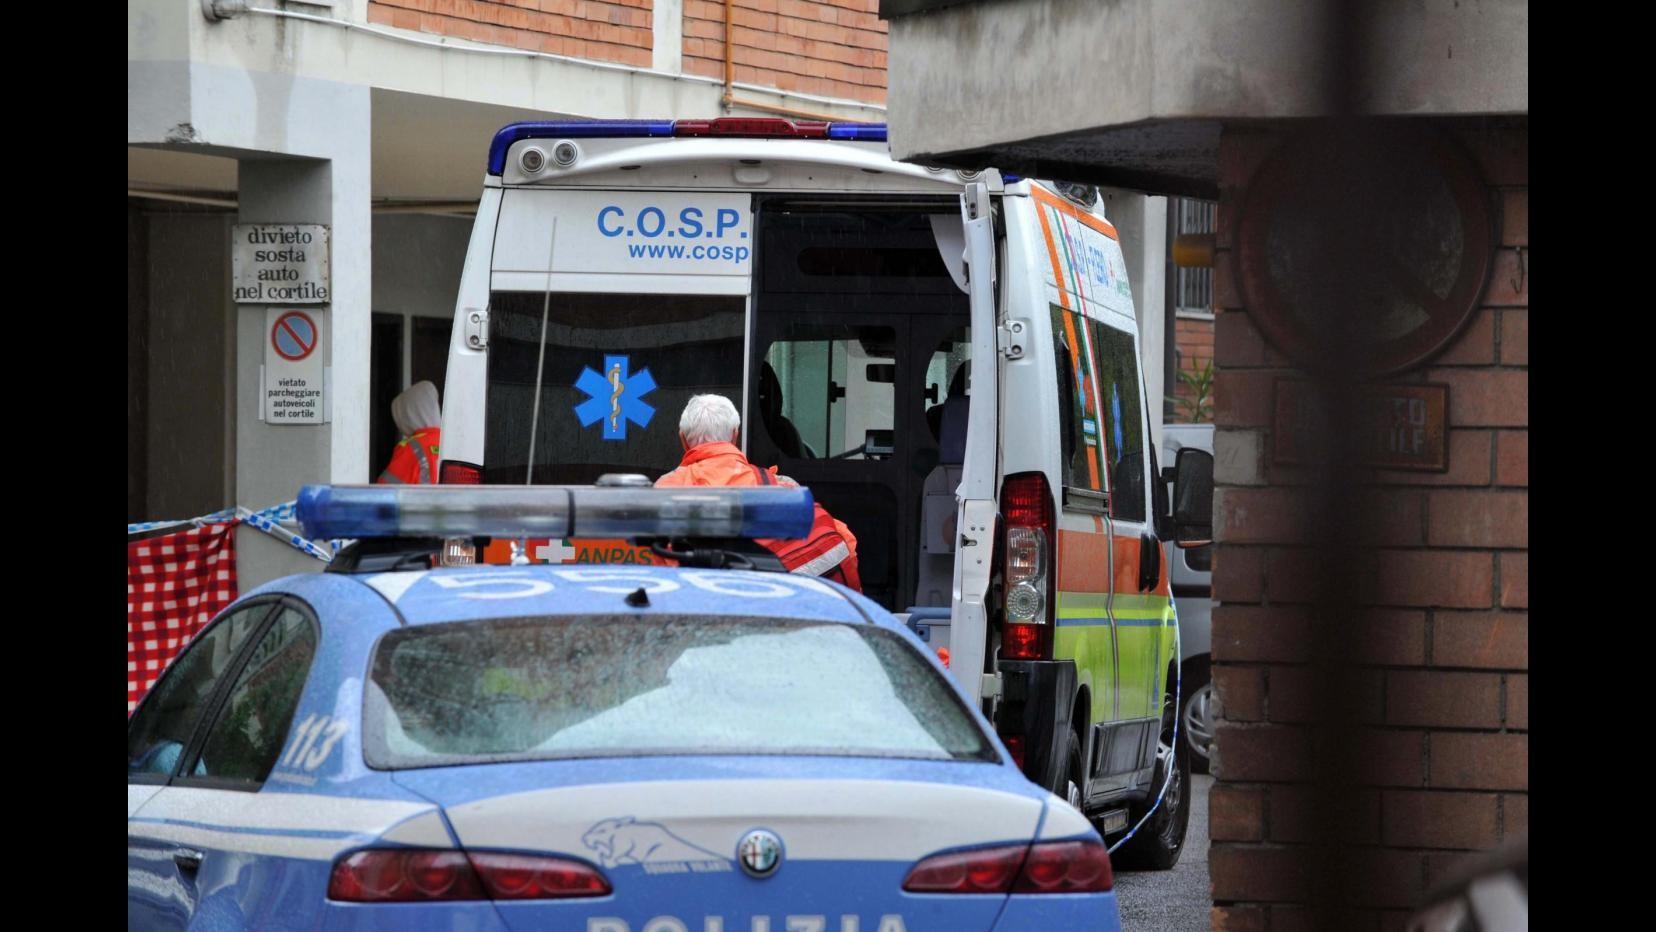 Napoli, tenta di introdursi in casa e picchia ex moglie: arrestato